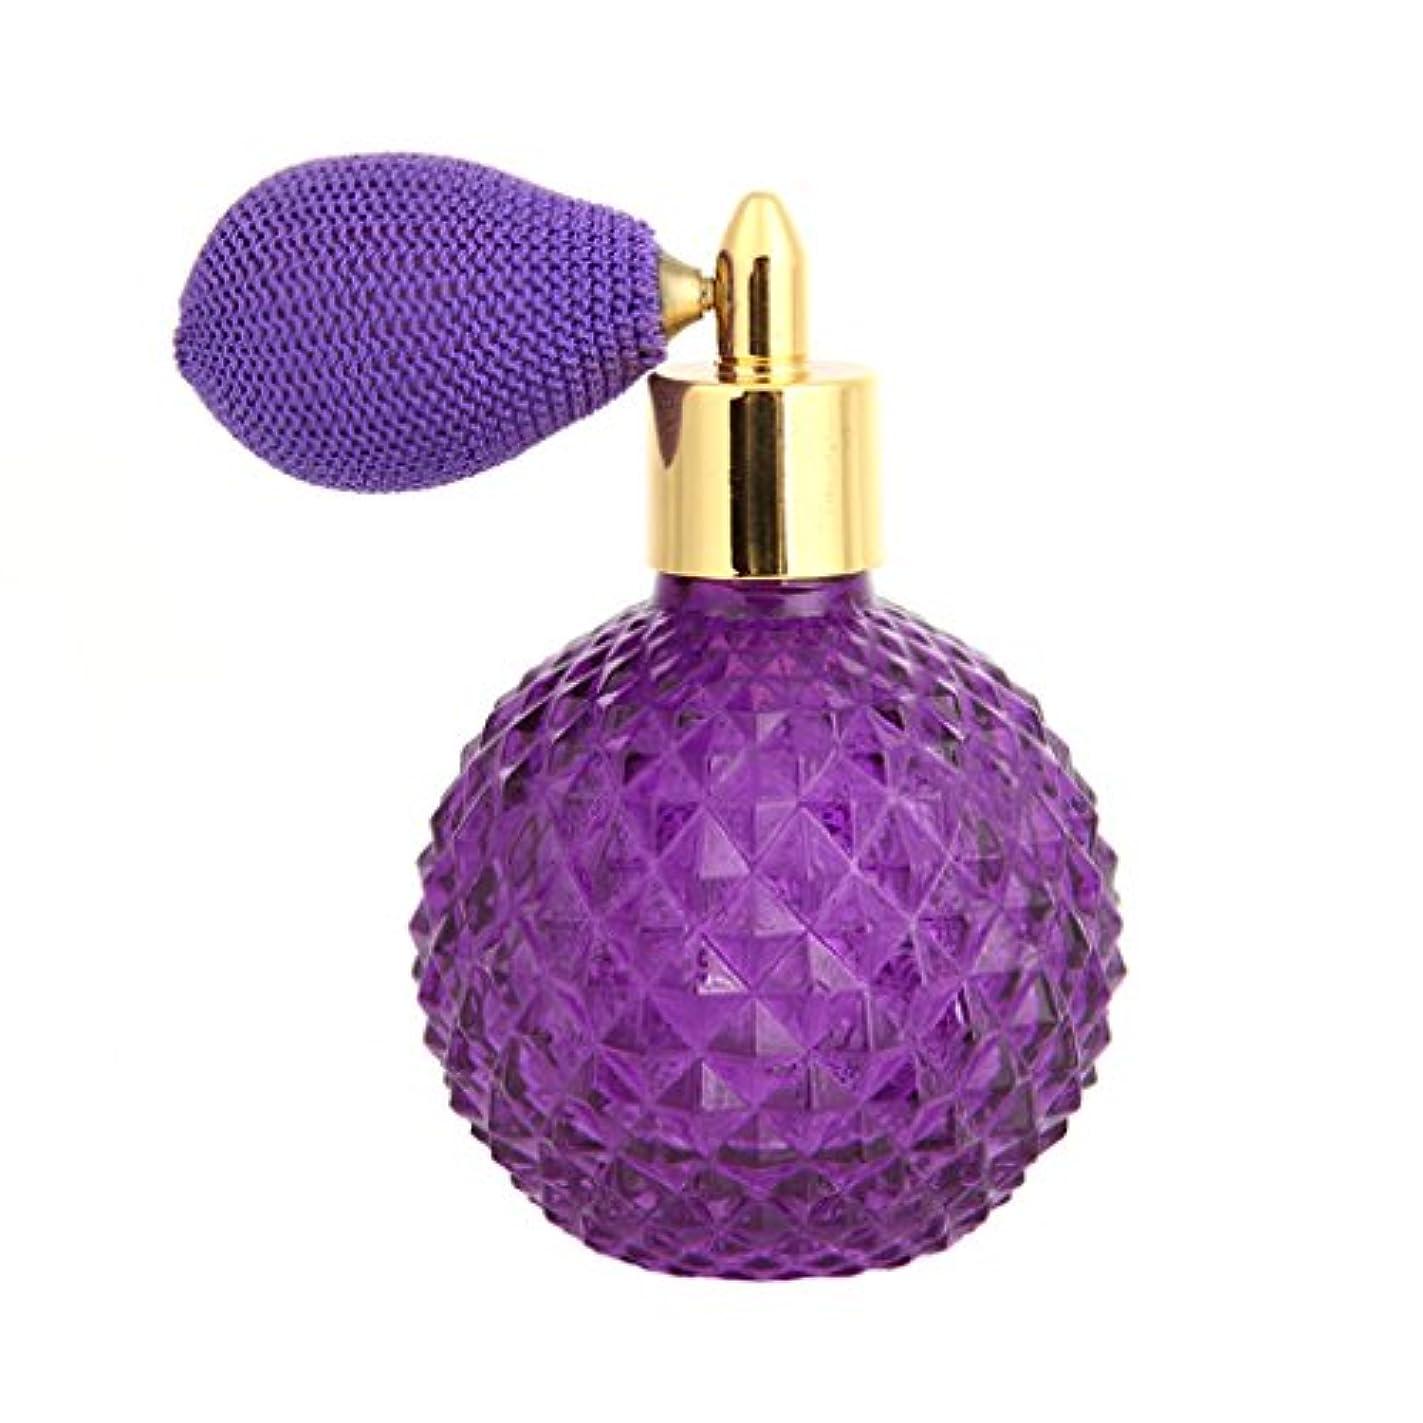 胃ブラウス与えるDabixx 女性ヴィンテージ香水瓶ショートスプレーアトマイザー詰め替え空のグラス100ミリリットル - 紫の